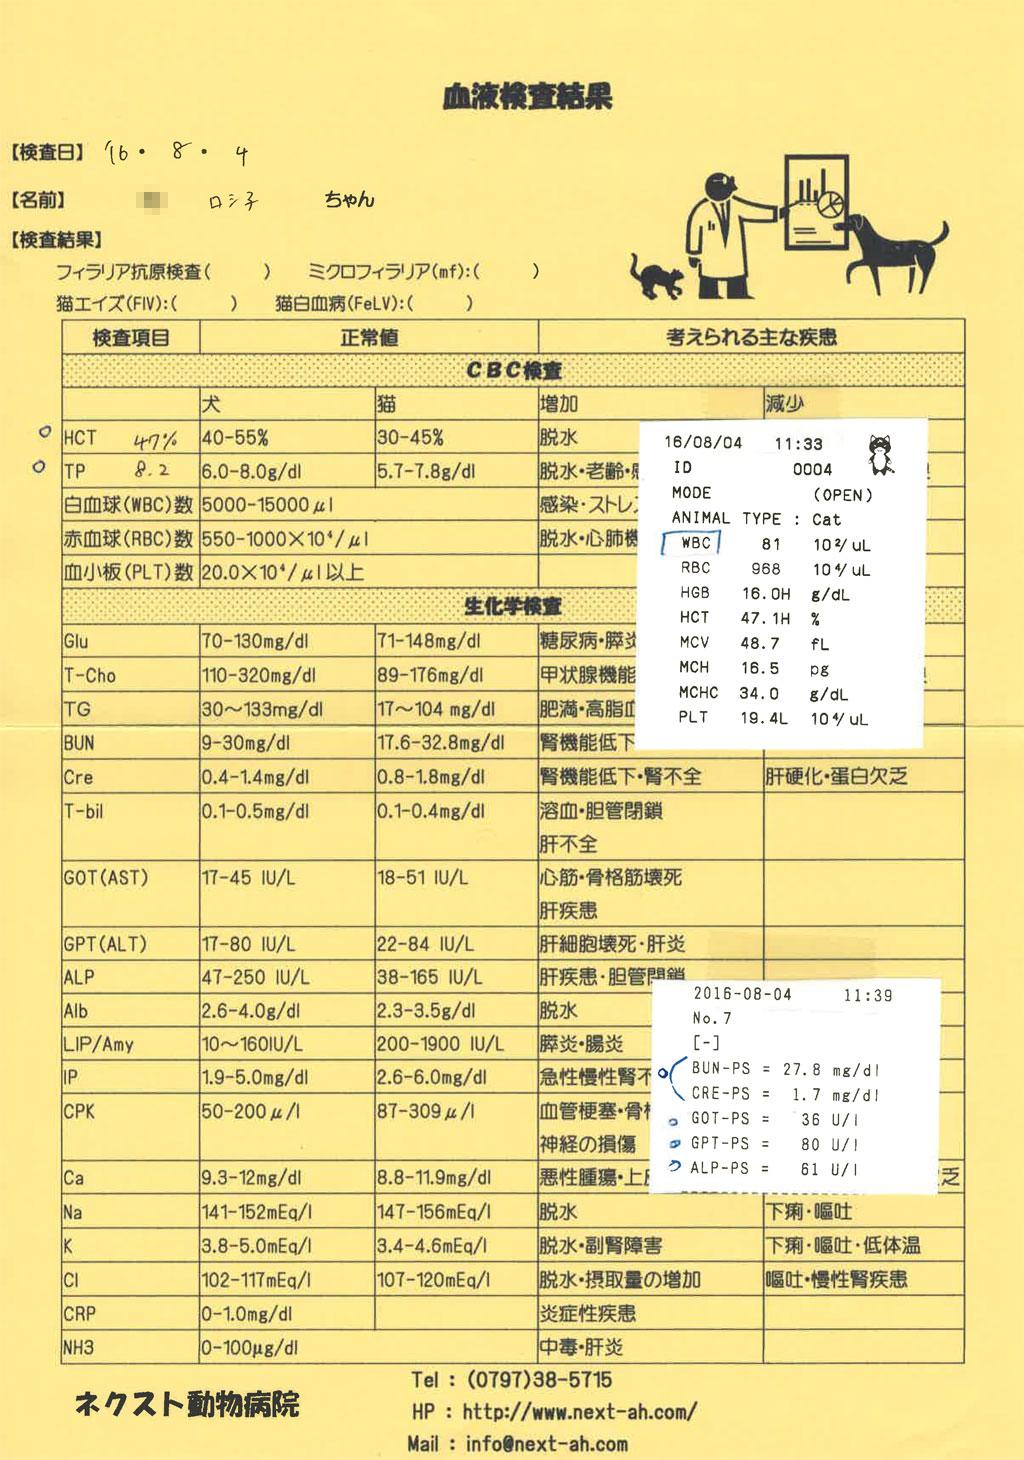 ロシ子の血液検査表。